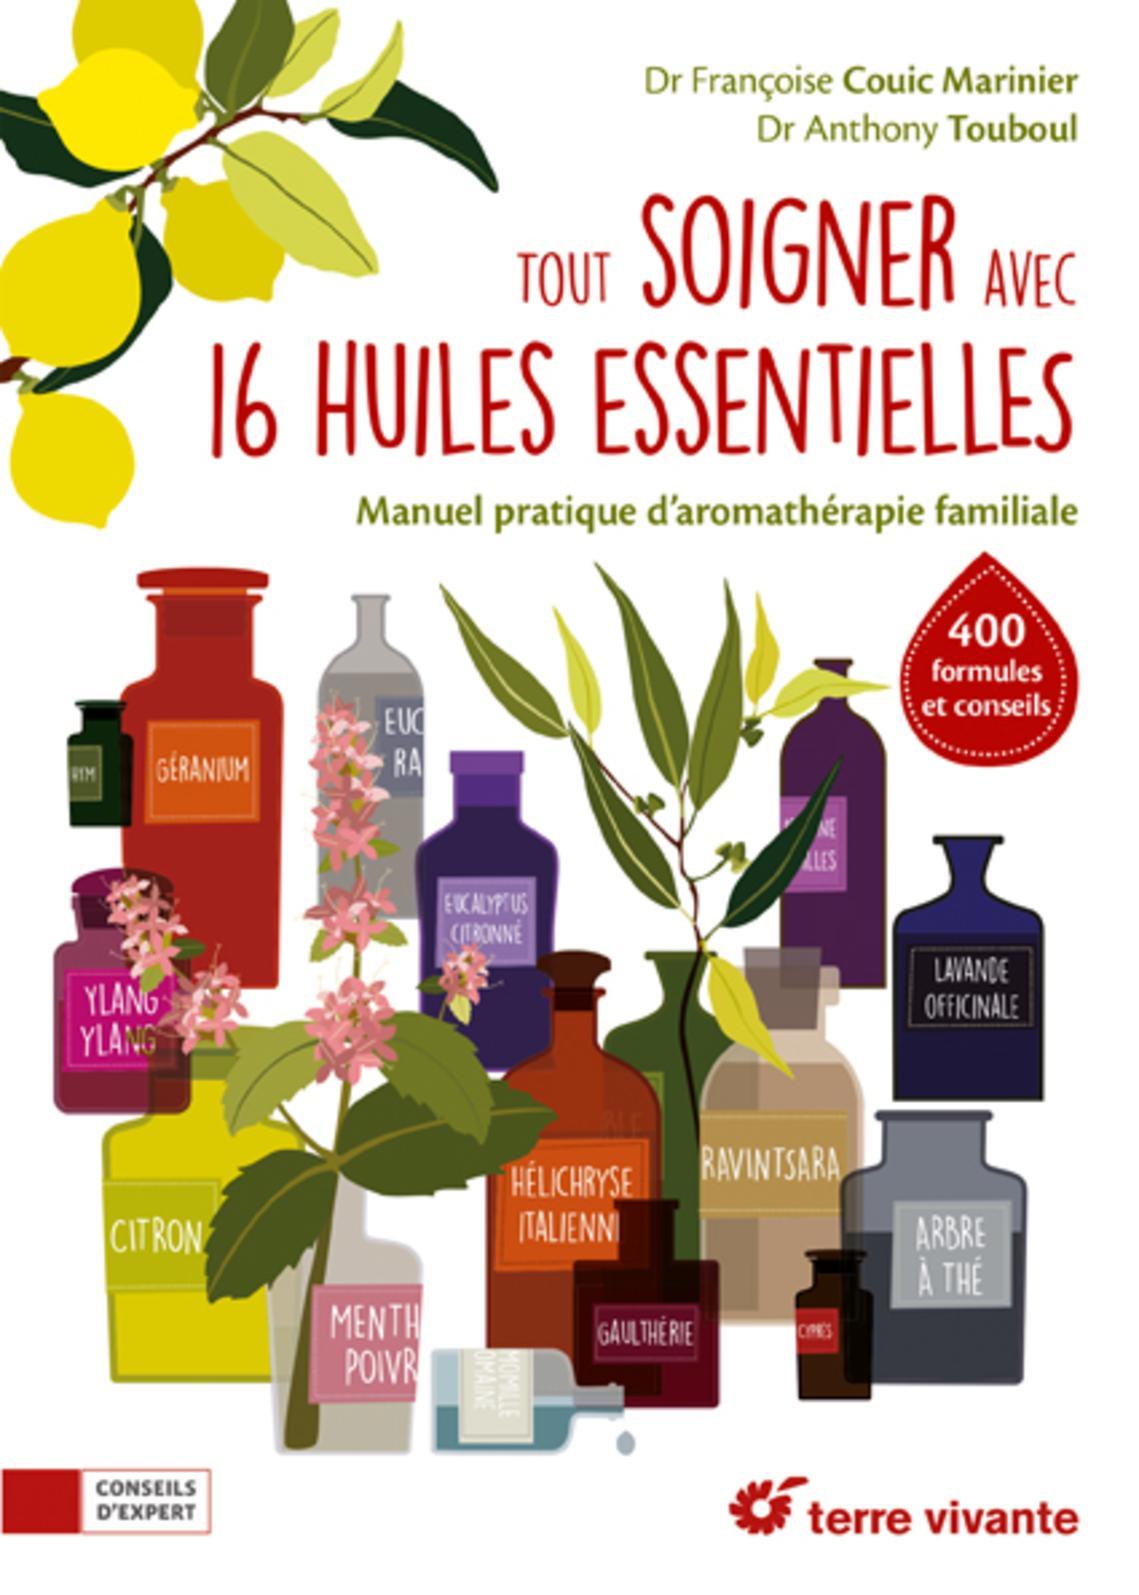 Huiles Essentielles Contre Les Souris calaméo - tout soigner avec 16 huiles essentielles